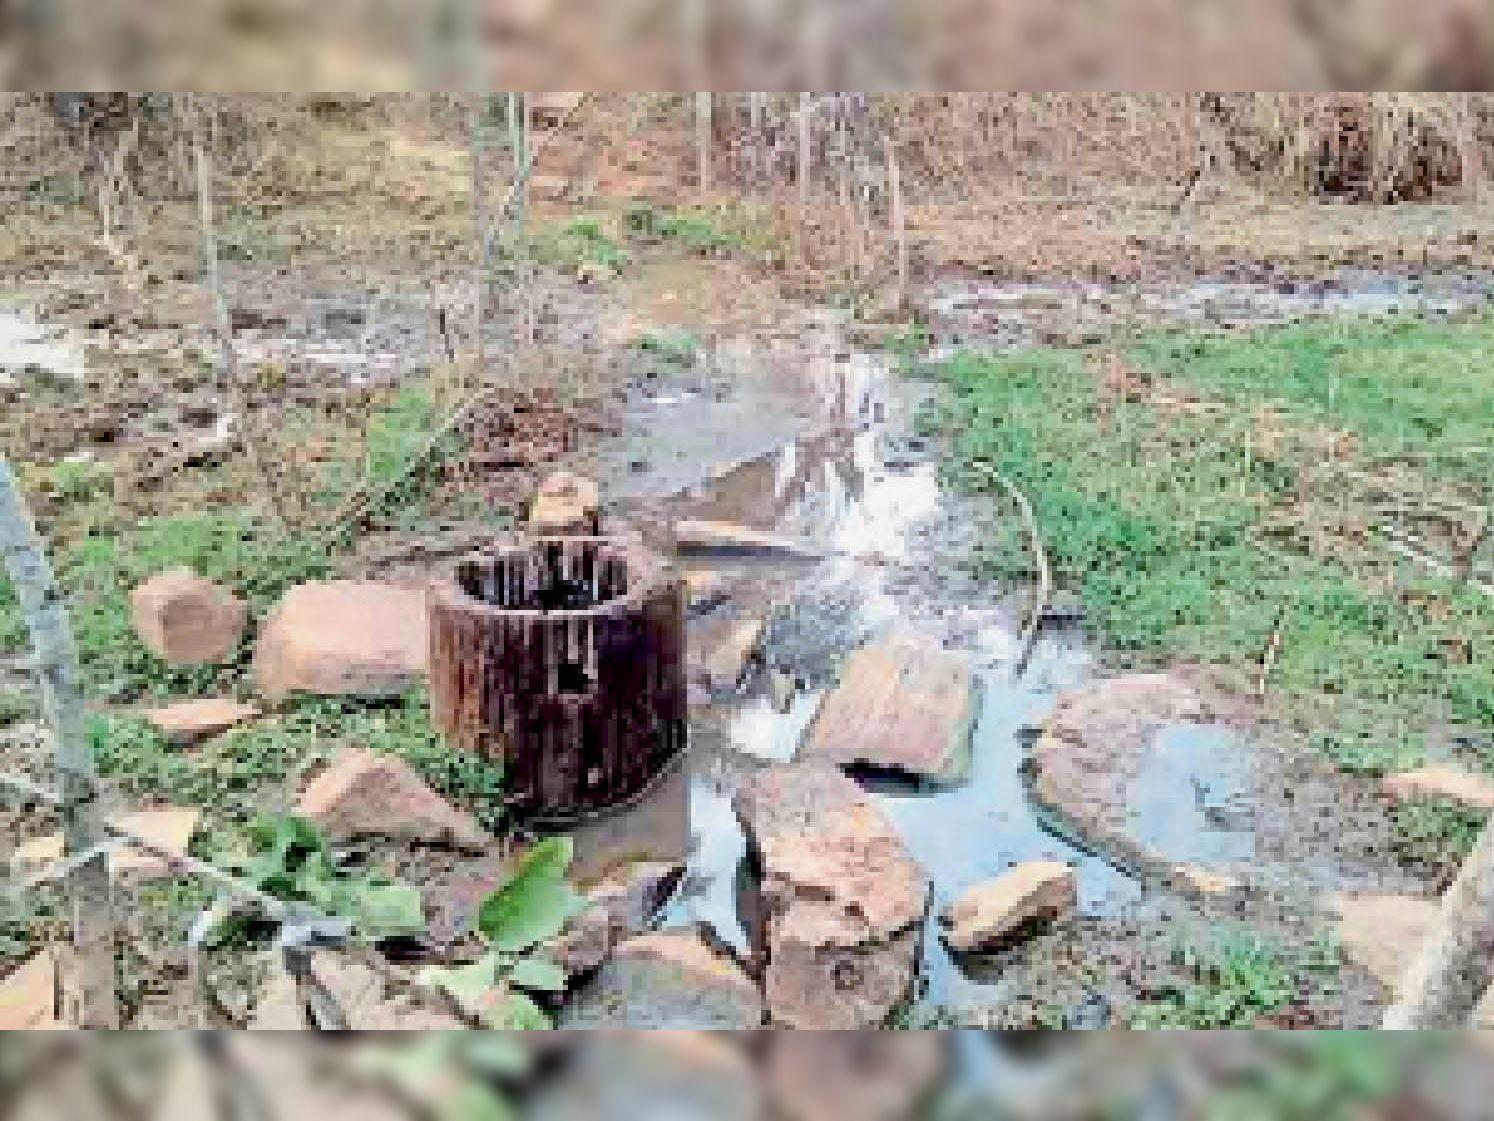 कोड़ेनार के खालेपारा में पेड़ के तने को गाड़कर पानी निकाल रहे लोग। - Dainik Bhaskar